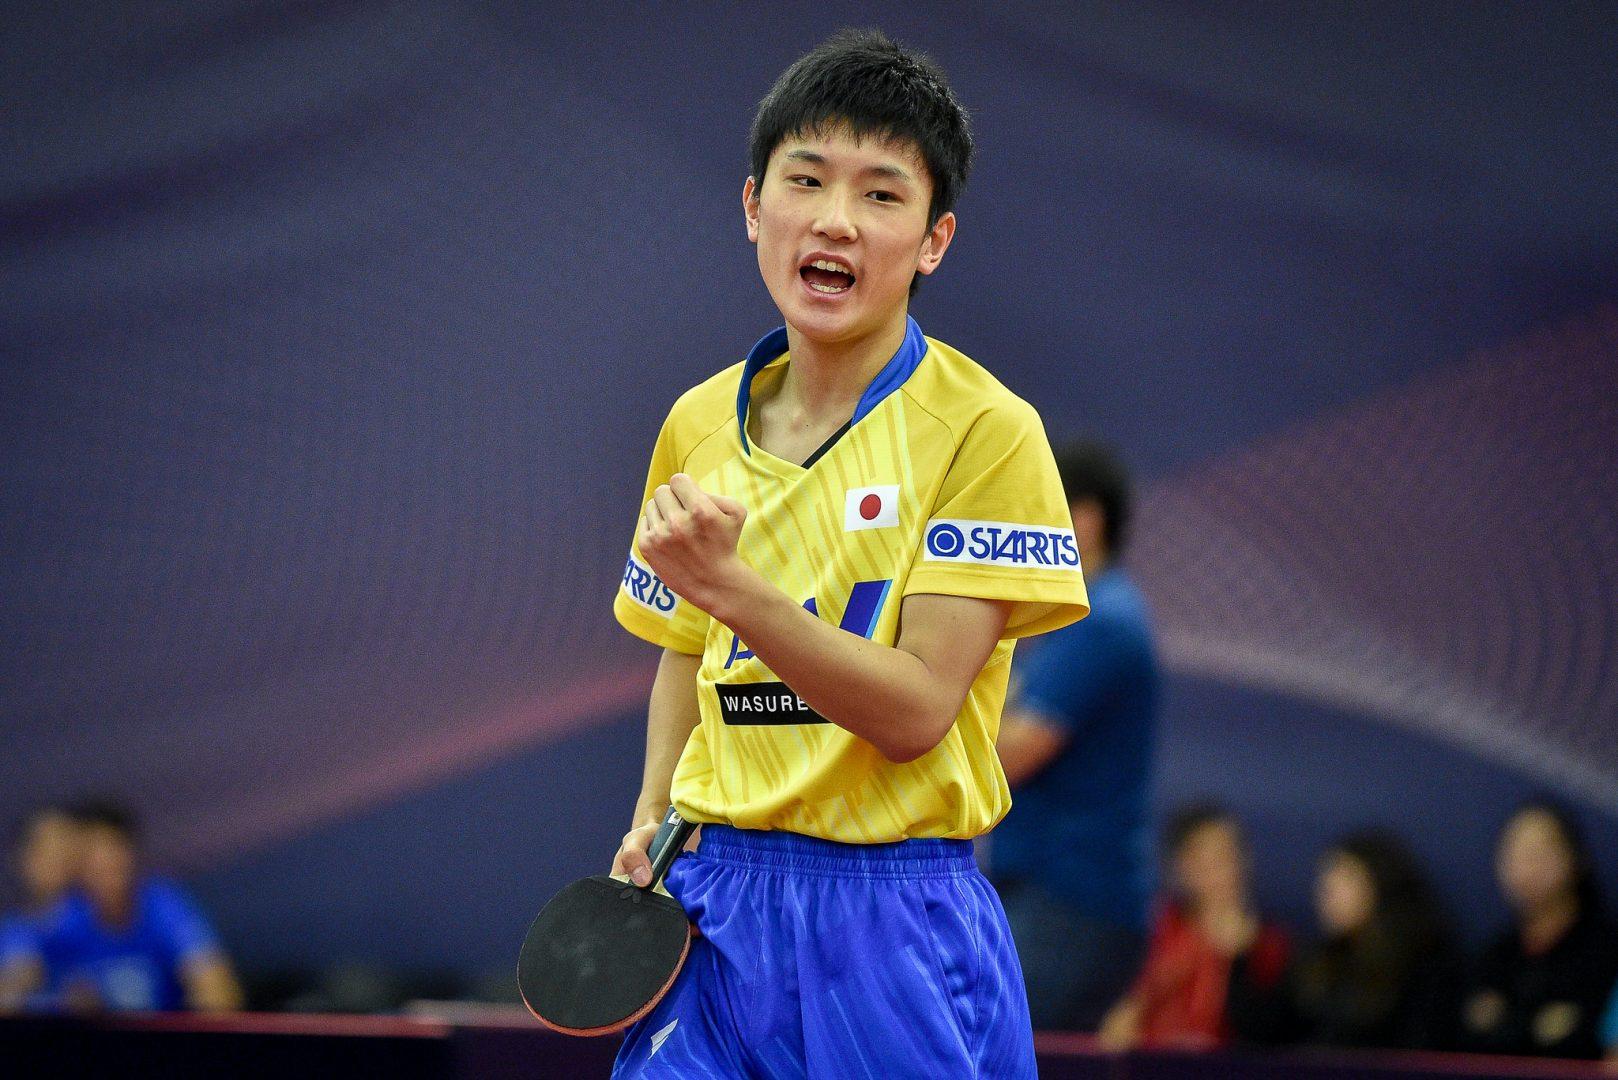 張本智和、5位キープ 台湾の18歳・林昀儒が自身初のトップ10|卓球男子世界ランキング(9月発表)